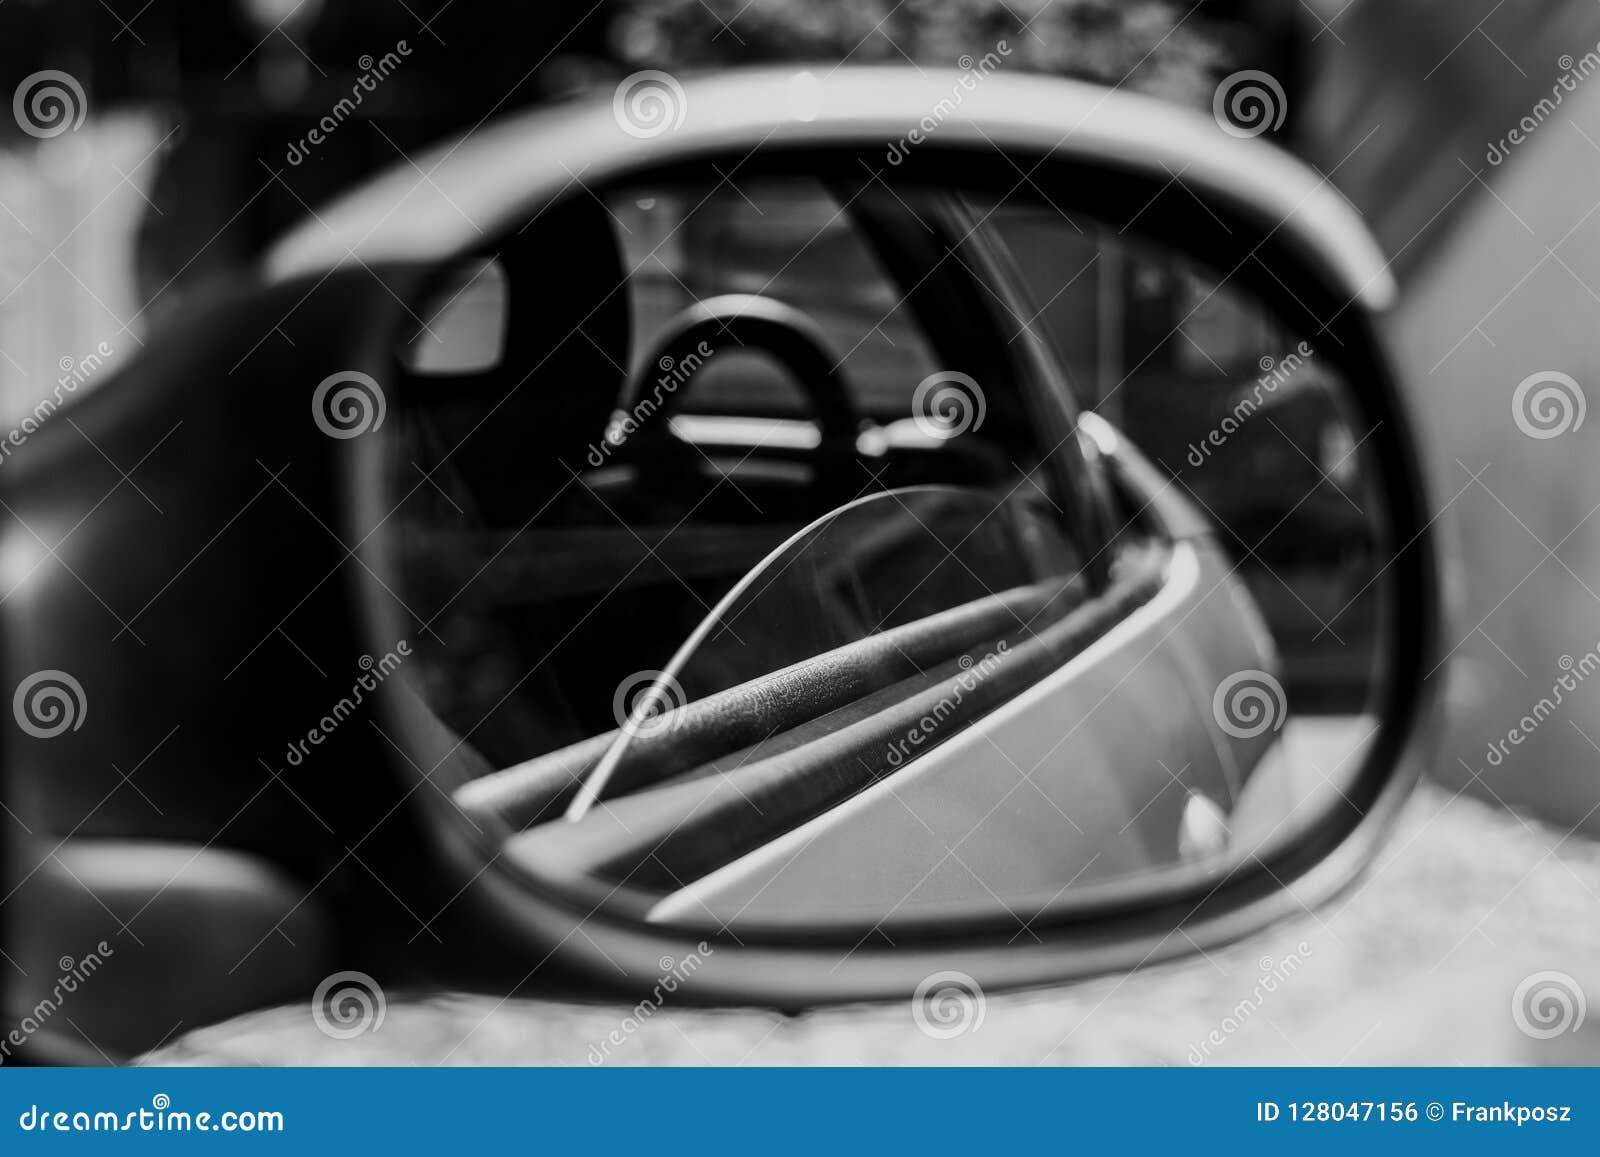 Miroir de voiture Front Right